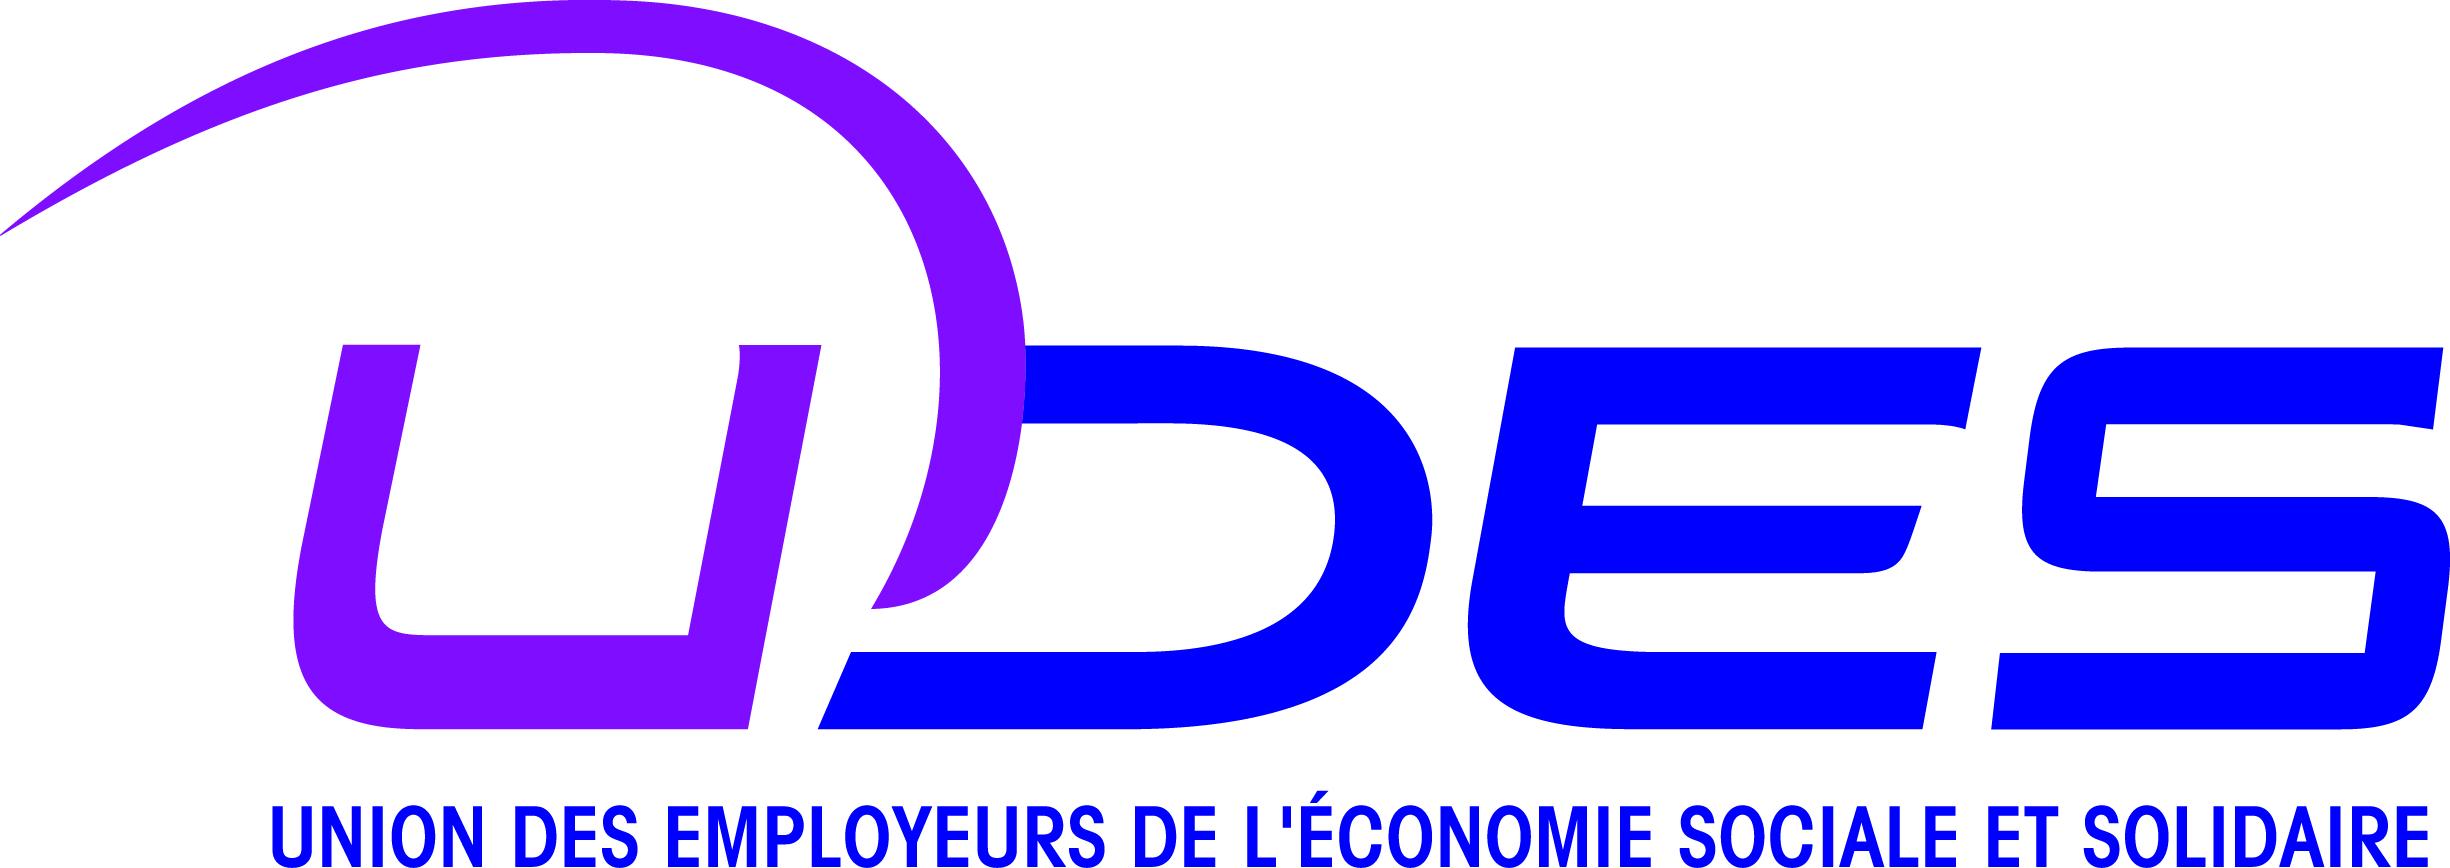 L'UDES : l'Union des Employeurs de l'Economie Sociale et Solidaire